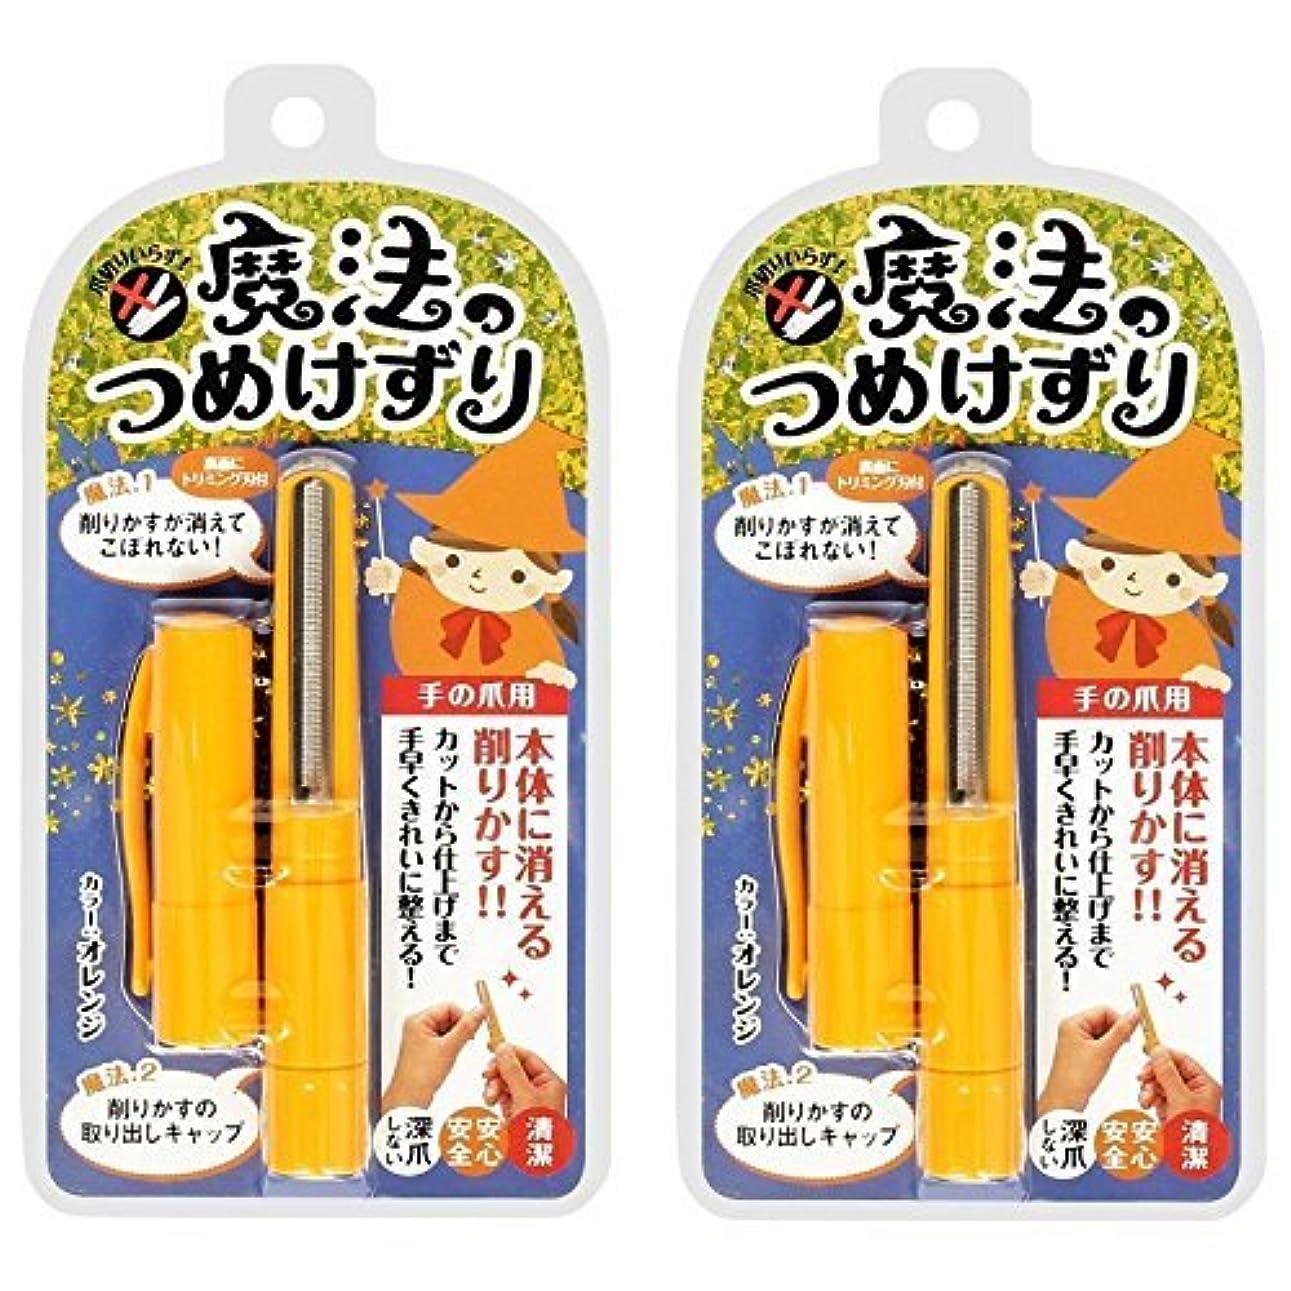 狂信者アレイ遊具【セット品】松本金型 魔法のつめけずり MM-090 オレンジ (2個)